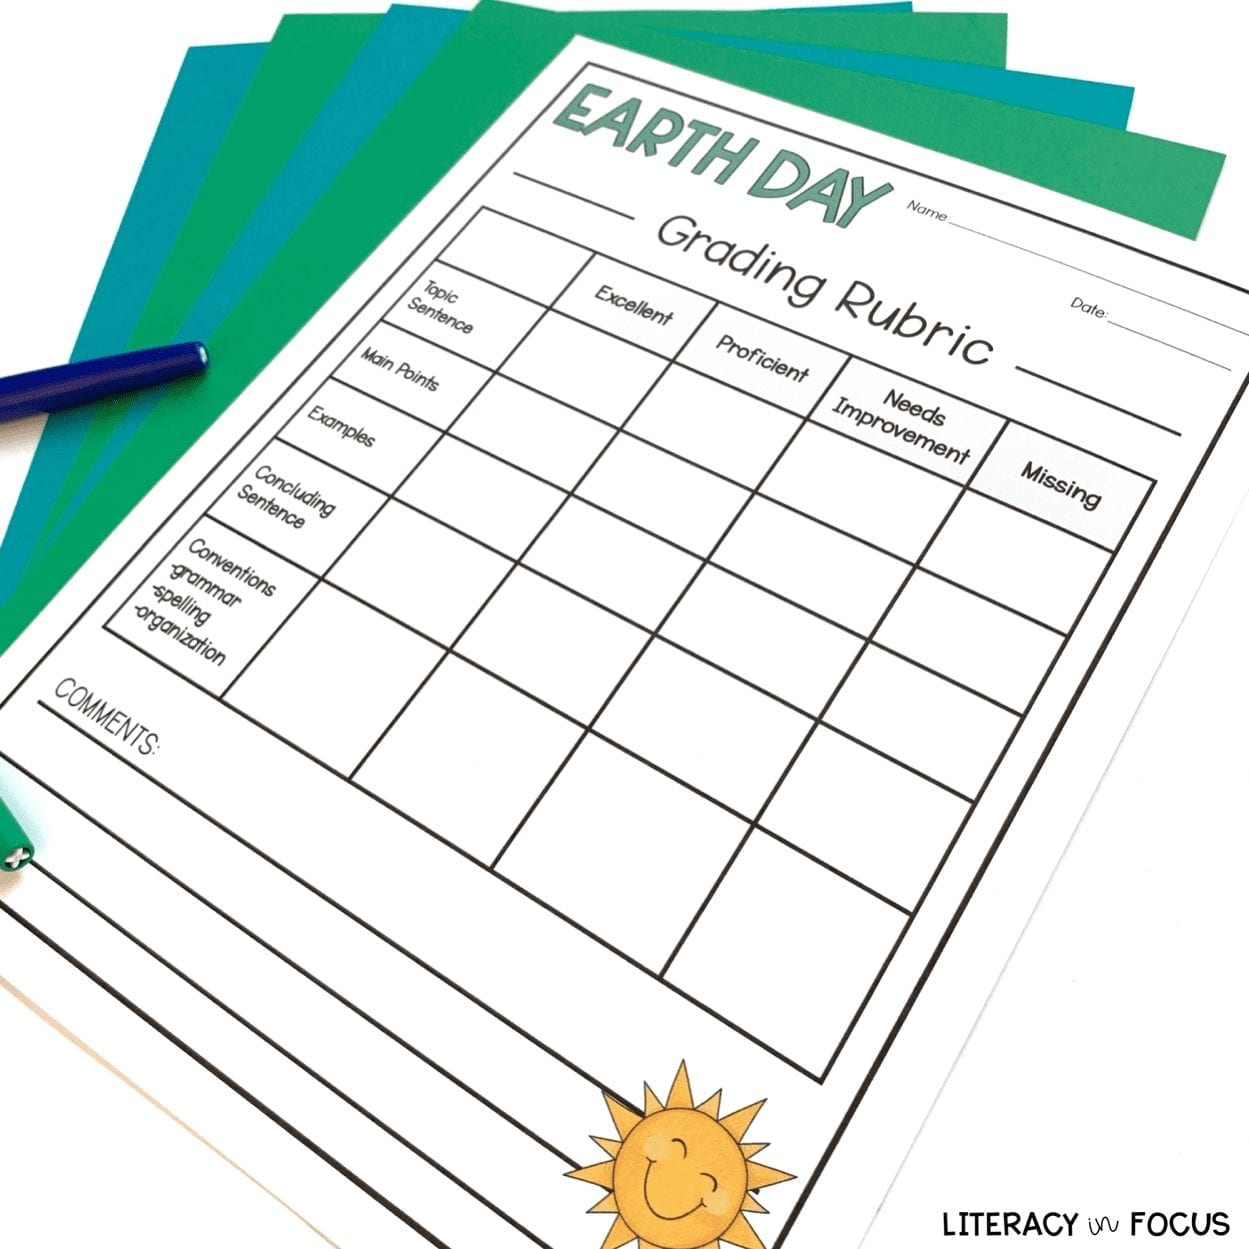 Earth Day Writing Rubric